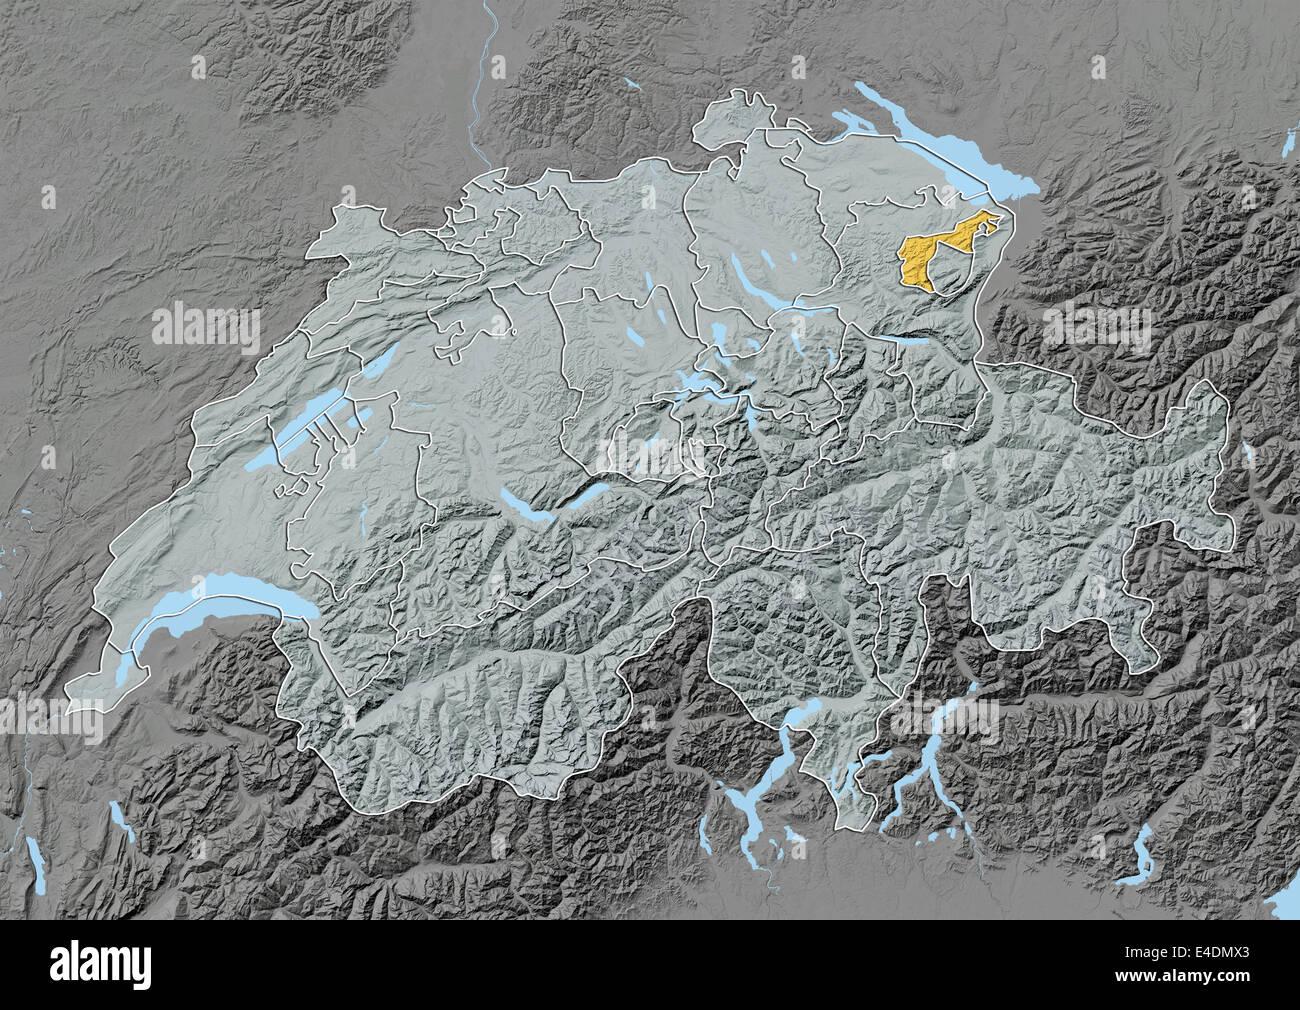 Kanton Appenzell Ausserrhoden, Schweiz, Reliefkarte Stockbild